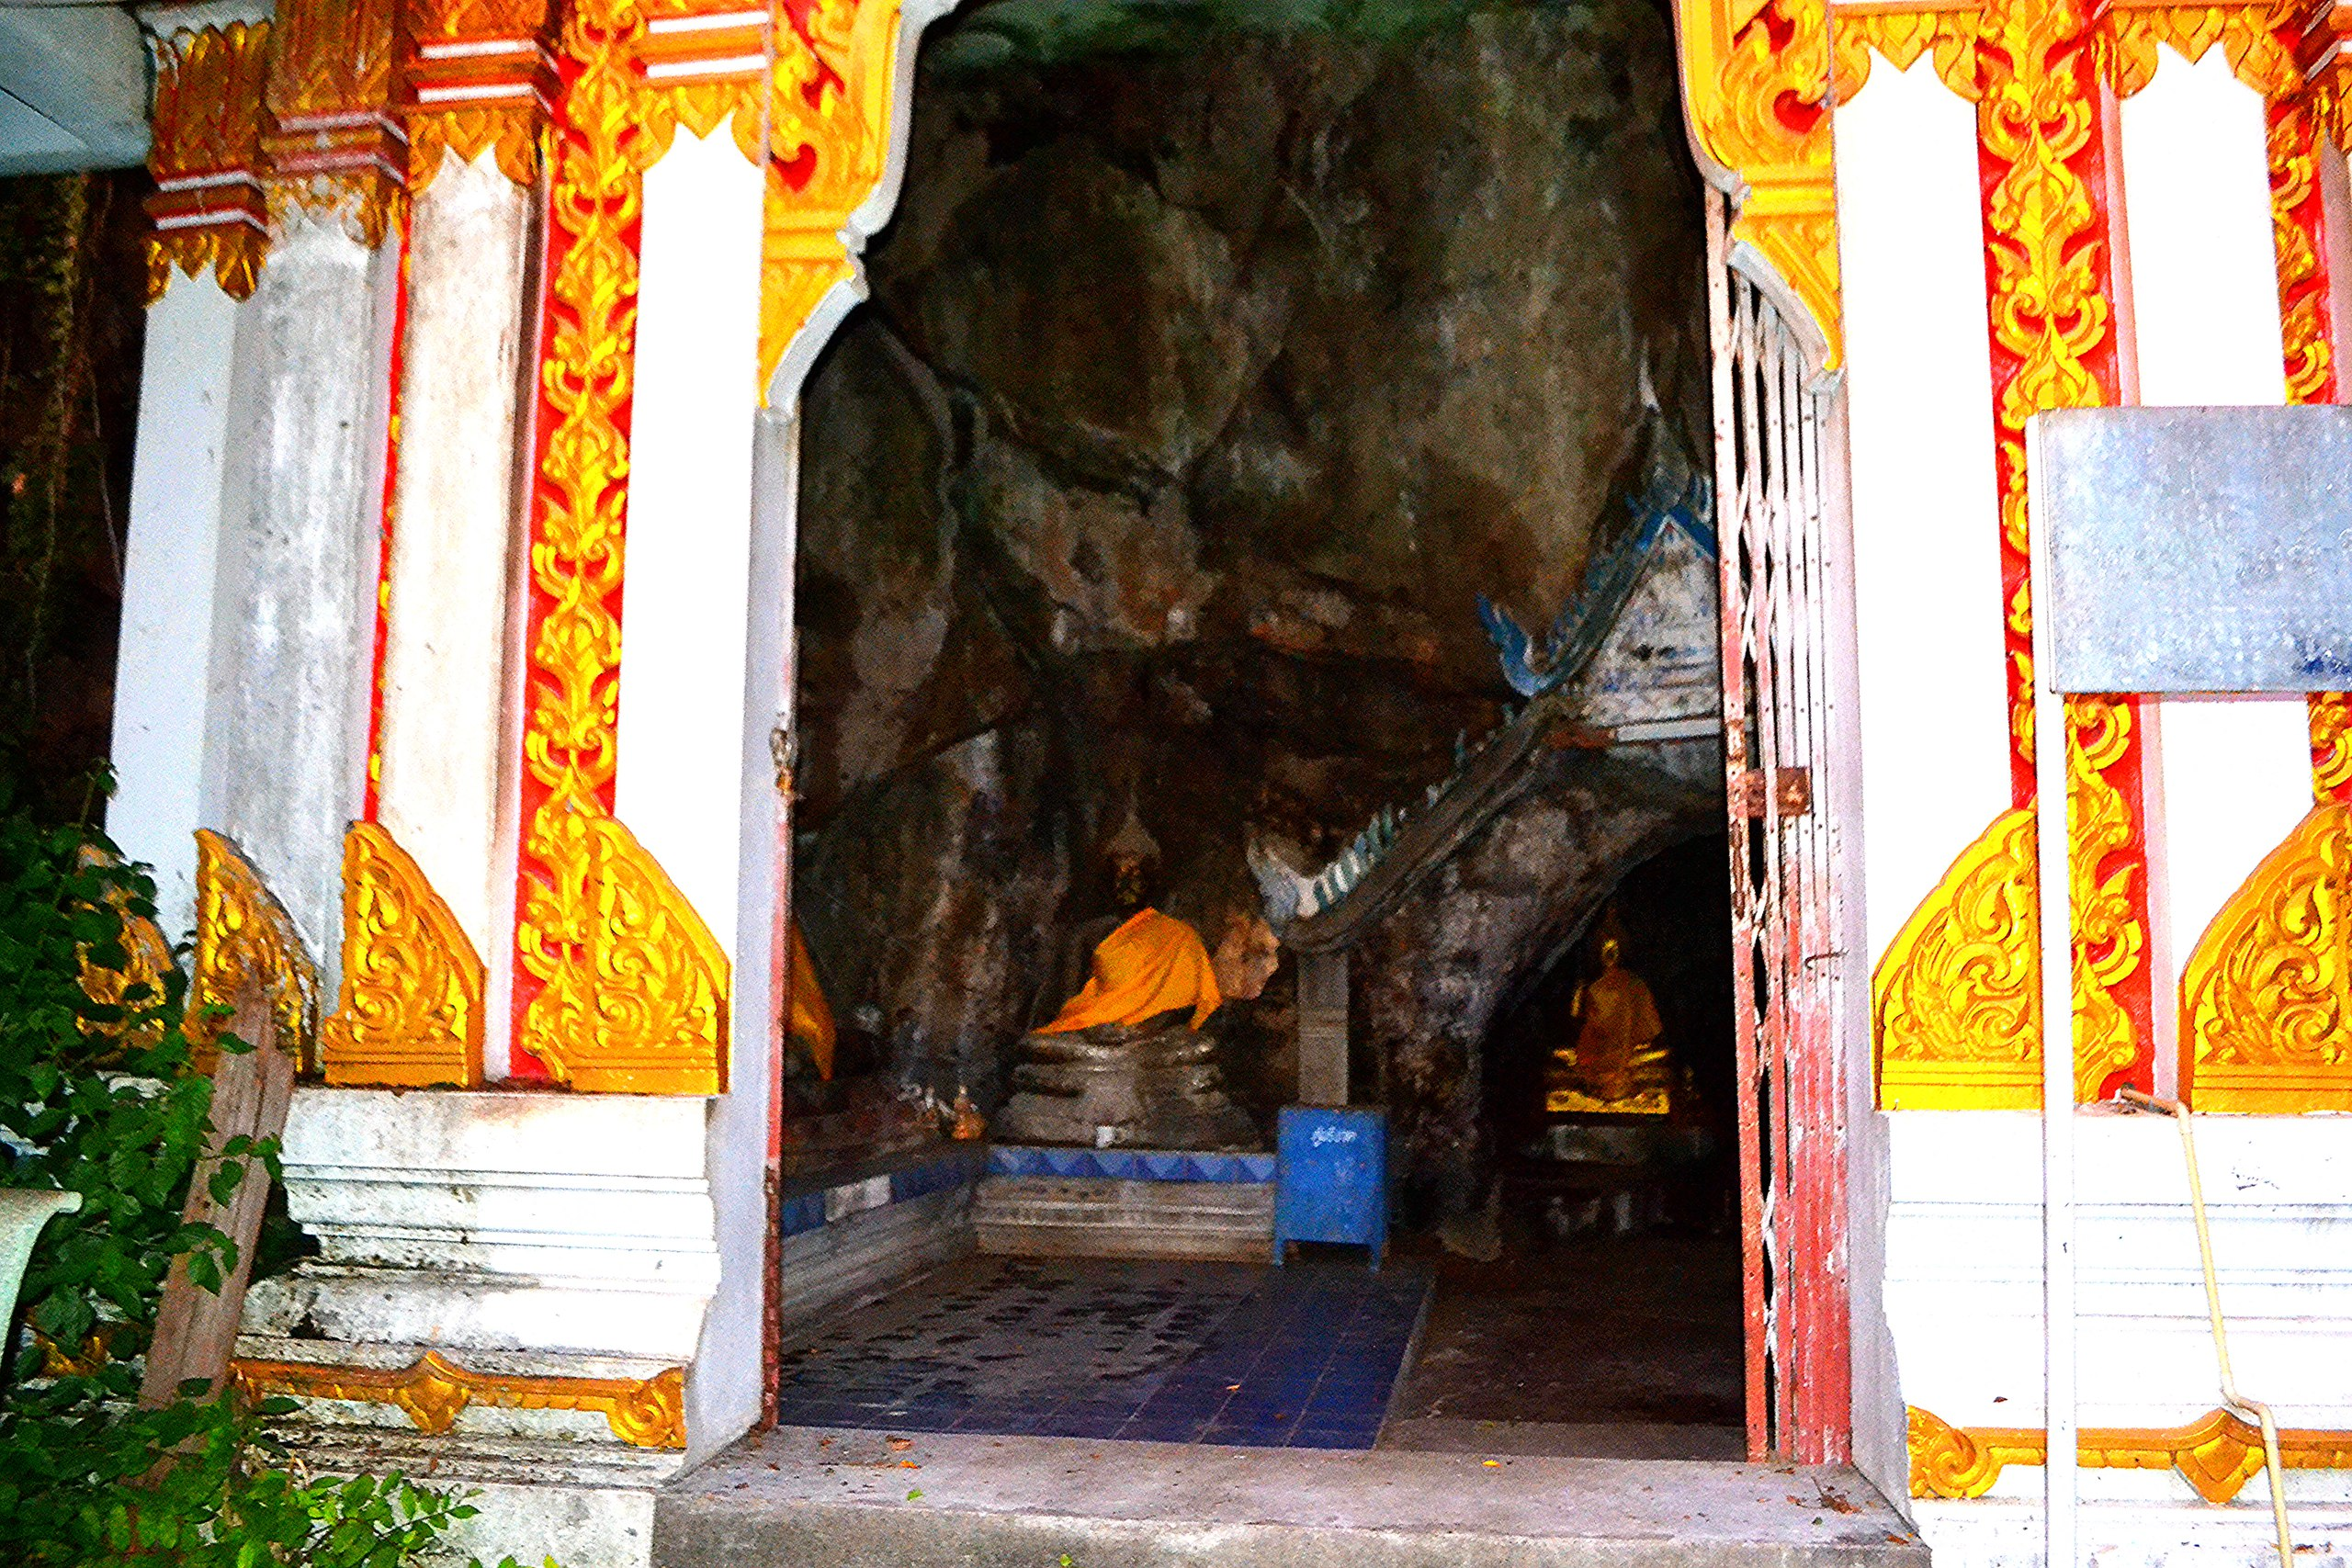 Елена Руденко (Валтея). Таиланд. Таиланд. Paтчaбуpи: Пещера страха, Пещера мышей, Буддийский храм Miw1u_-gKm0